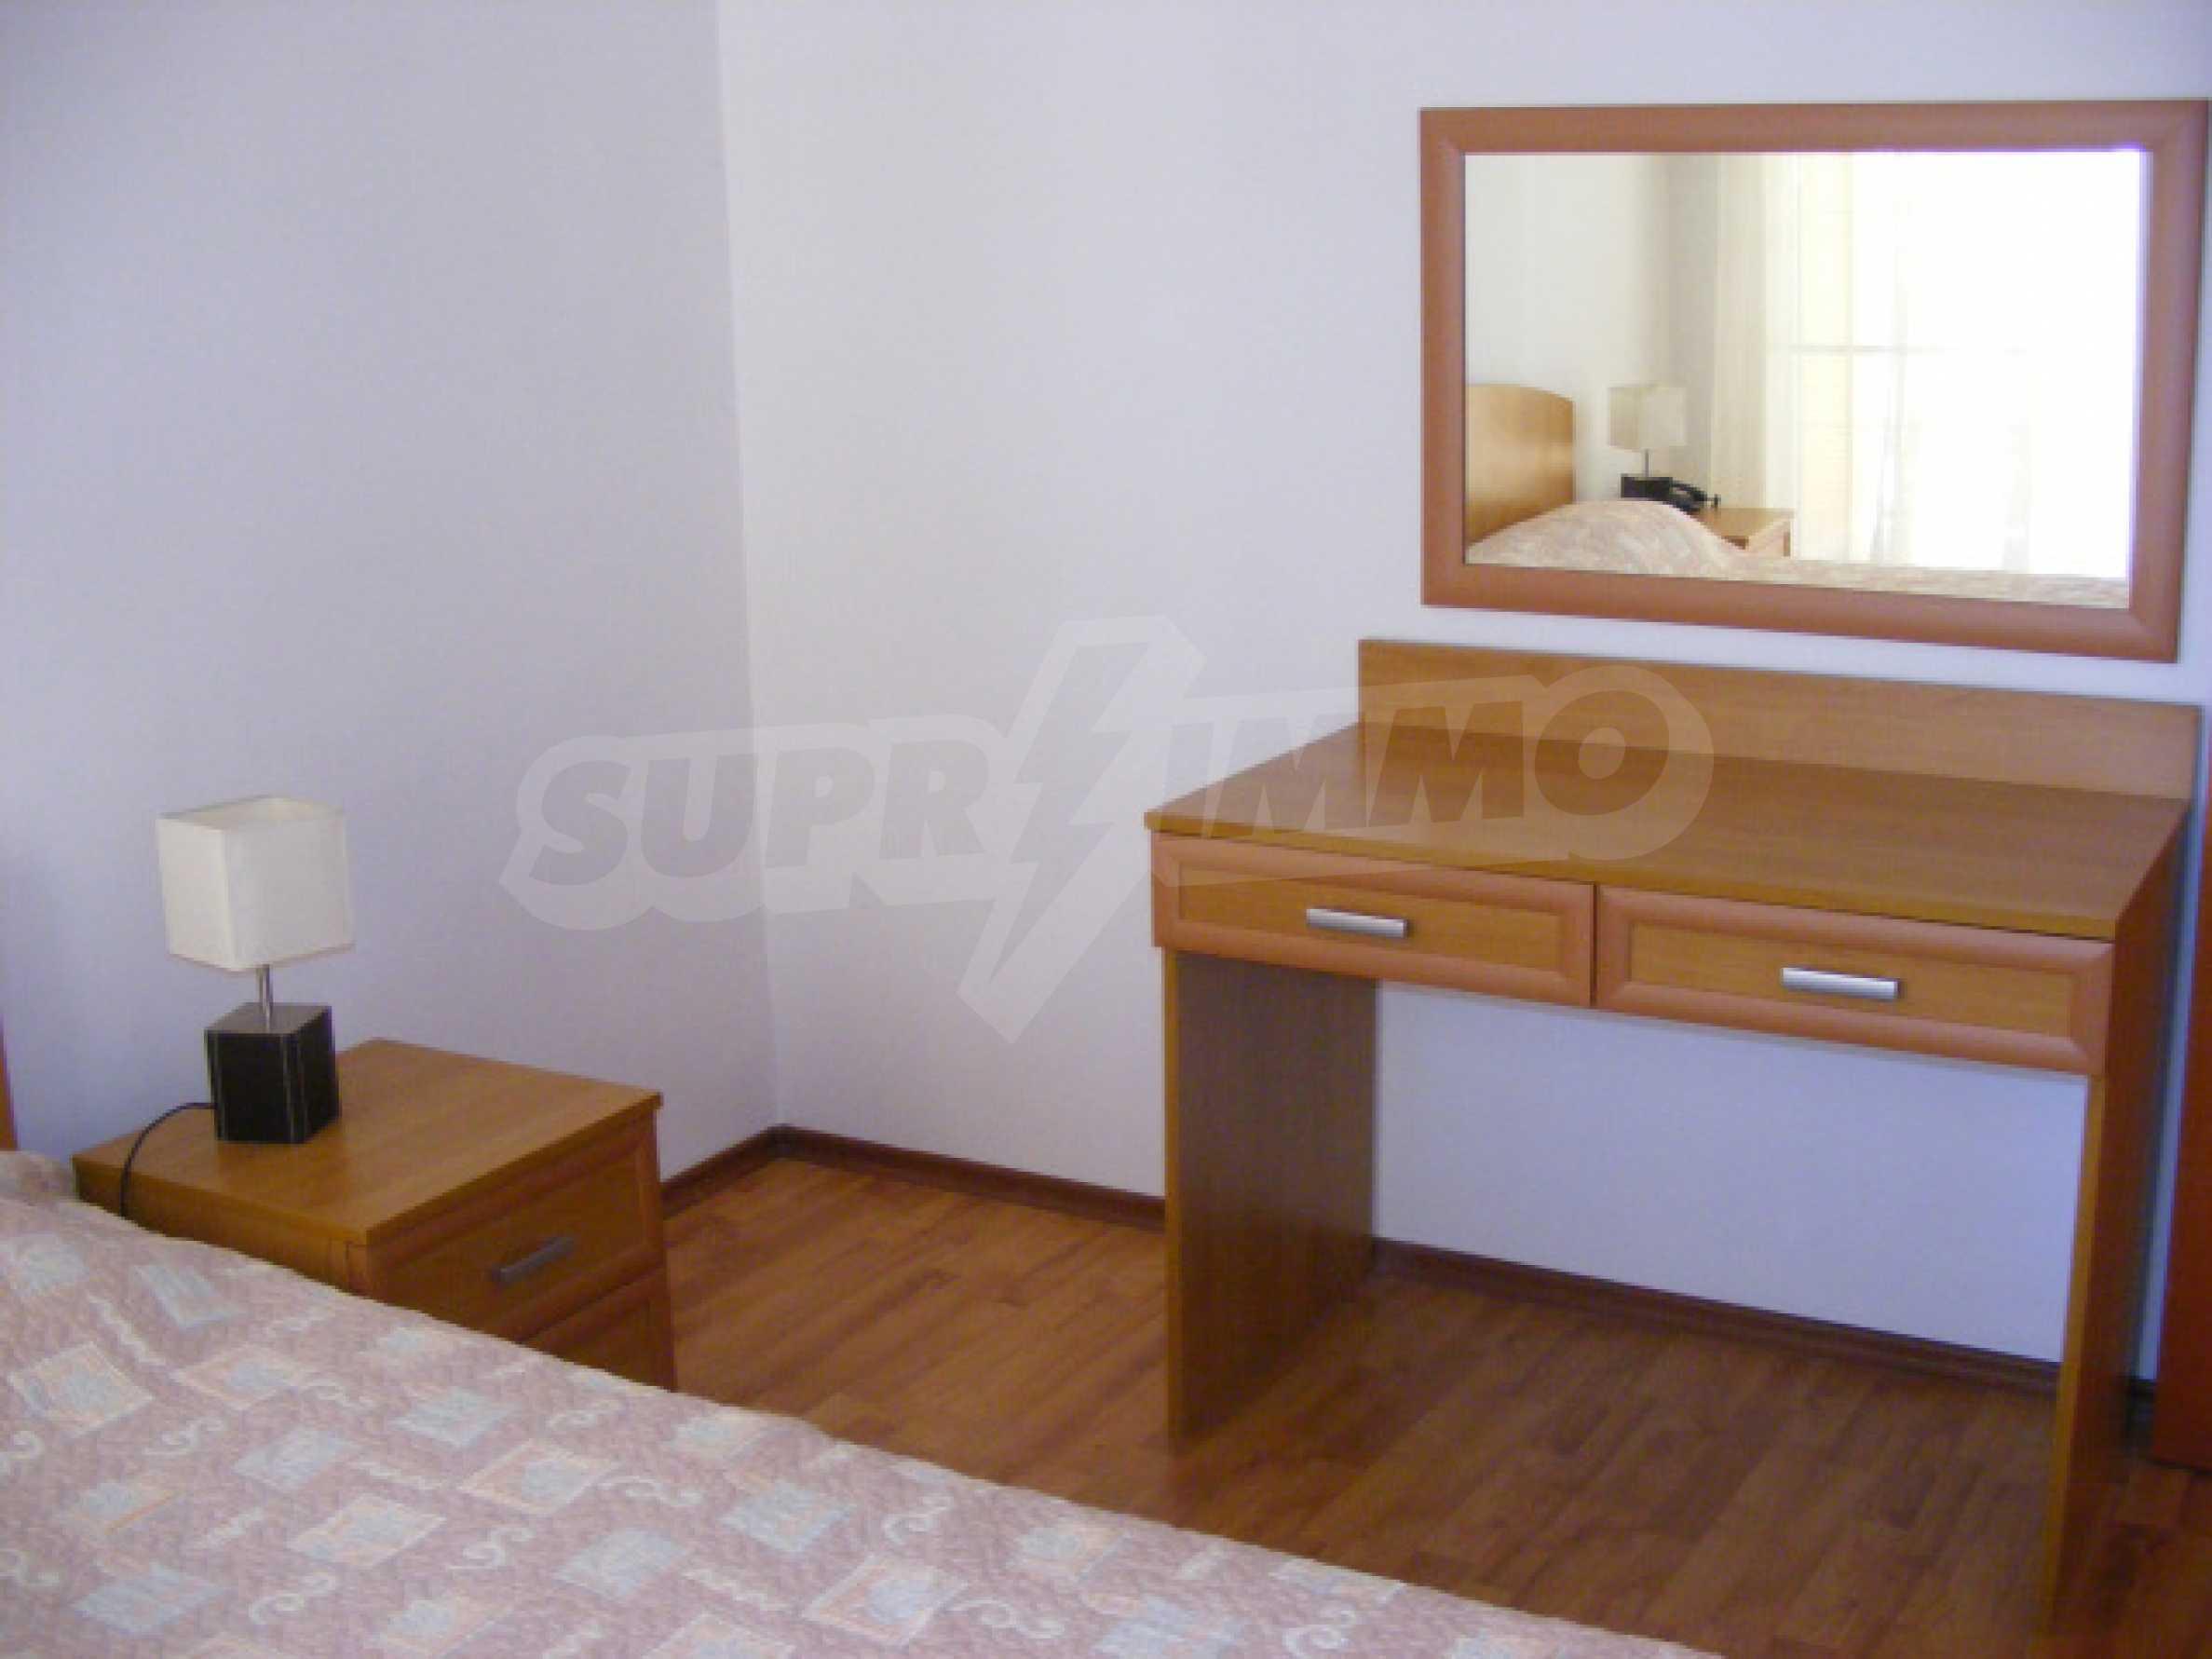 Напълно обзаведен двустаен апартамент в кк. Златни пясъци, с Морска панорама 14